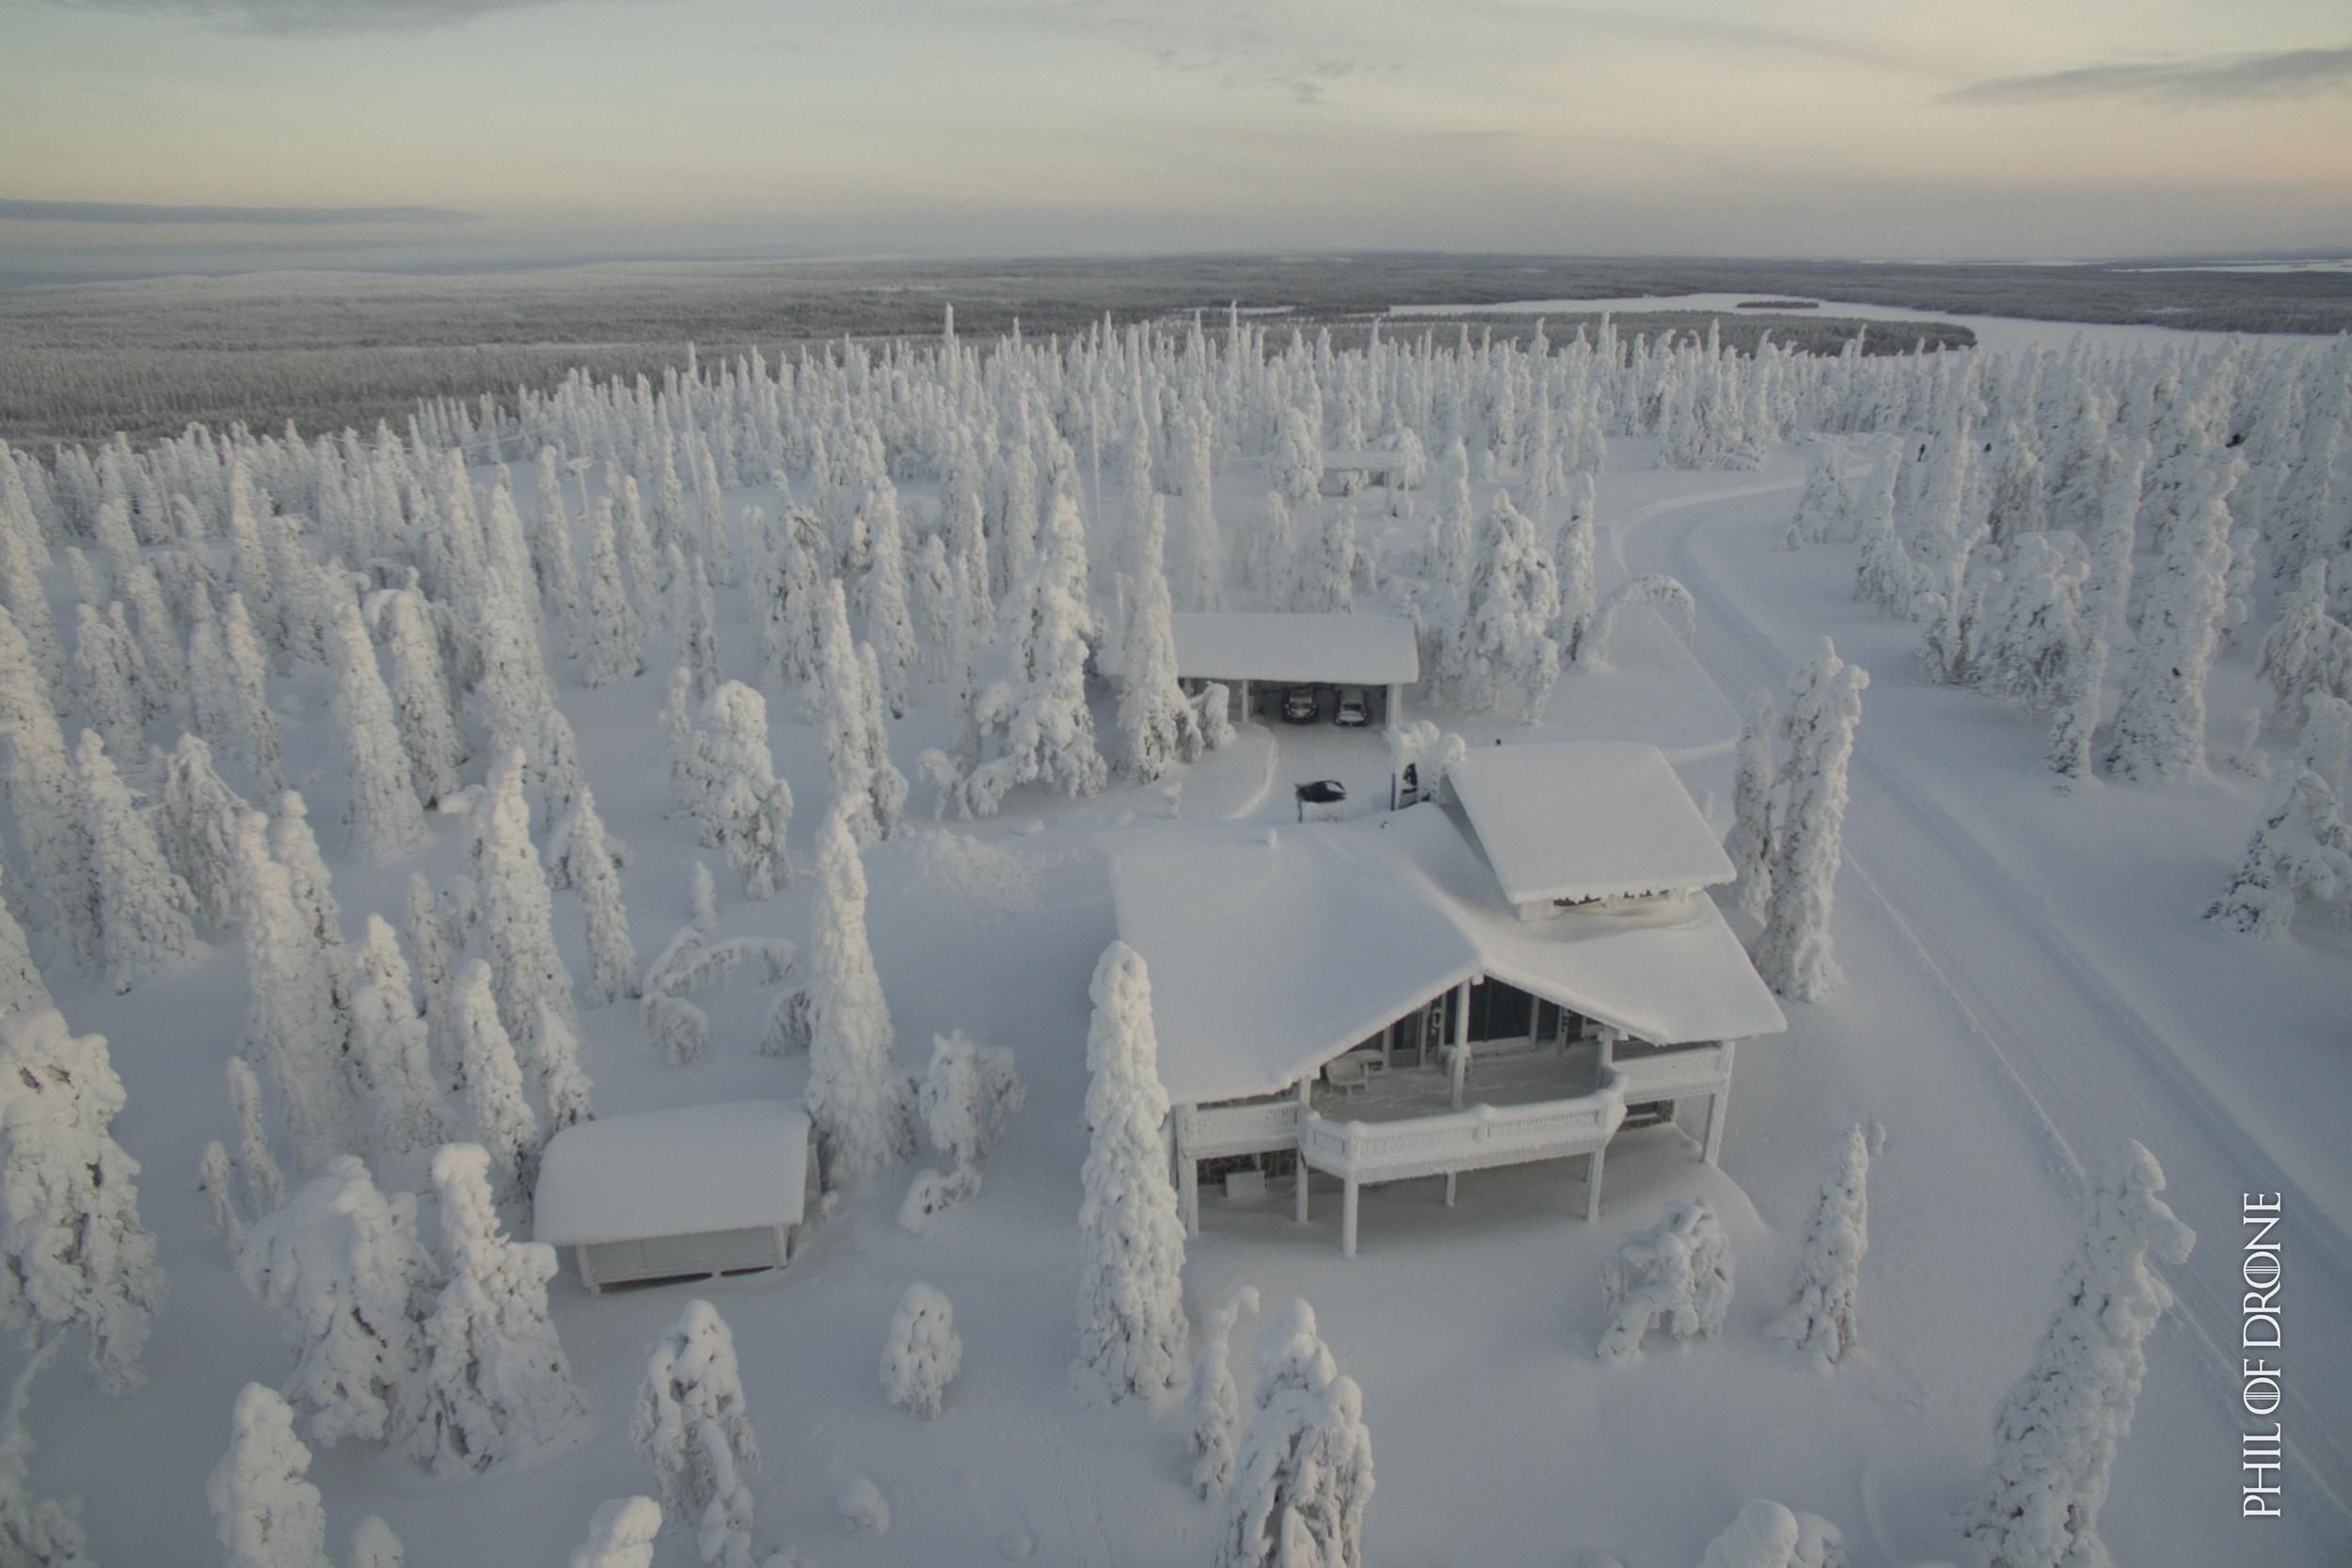 Phil-Finlande 168.jpg